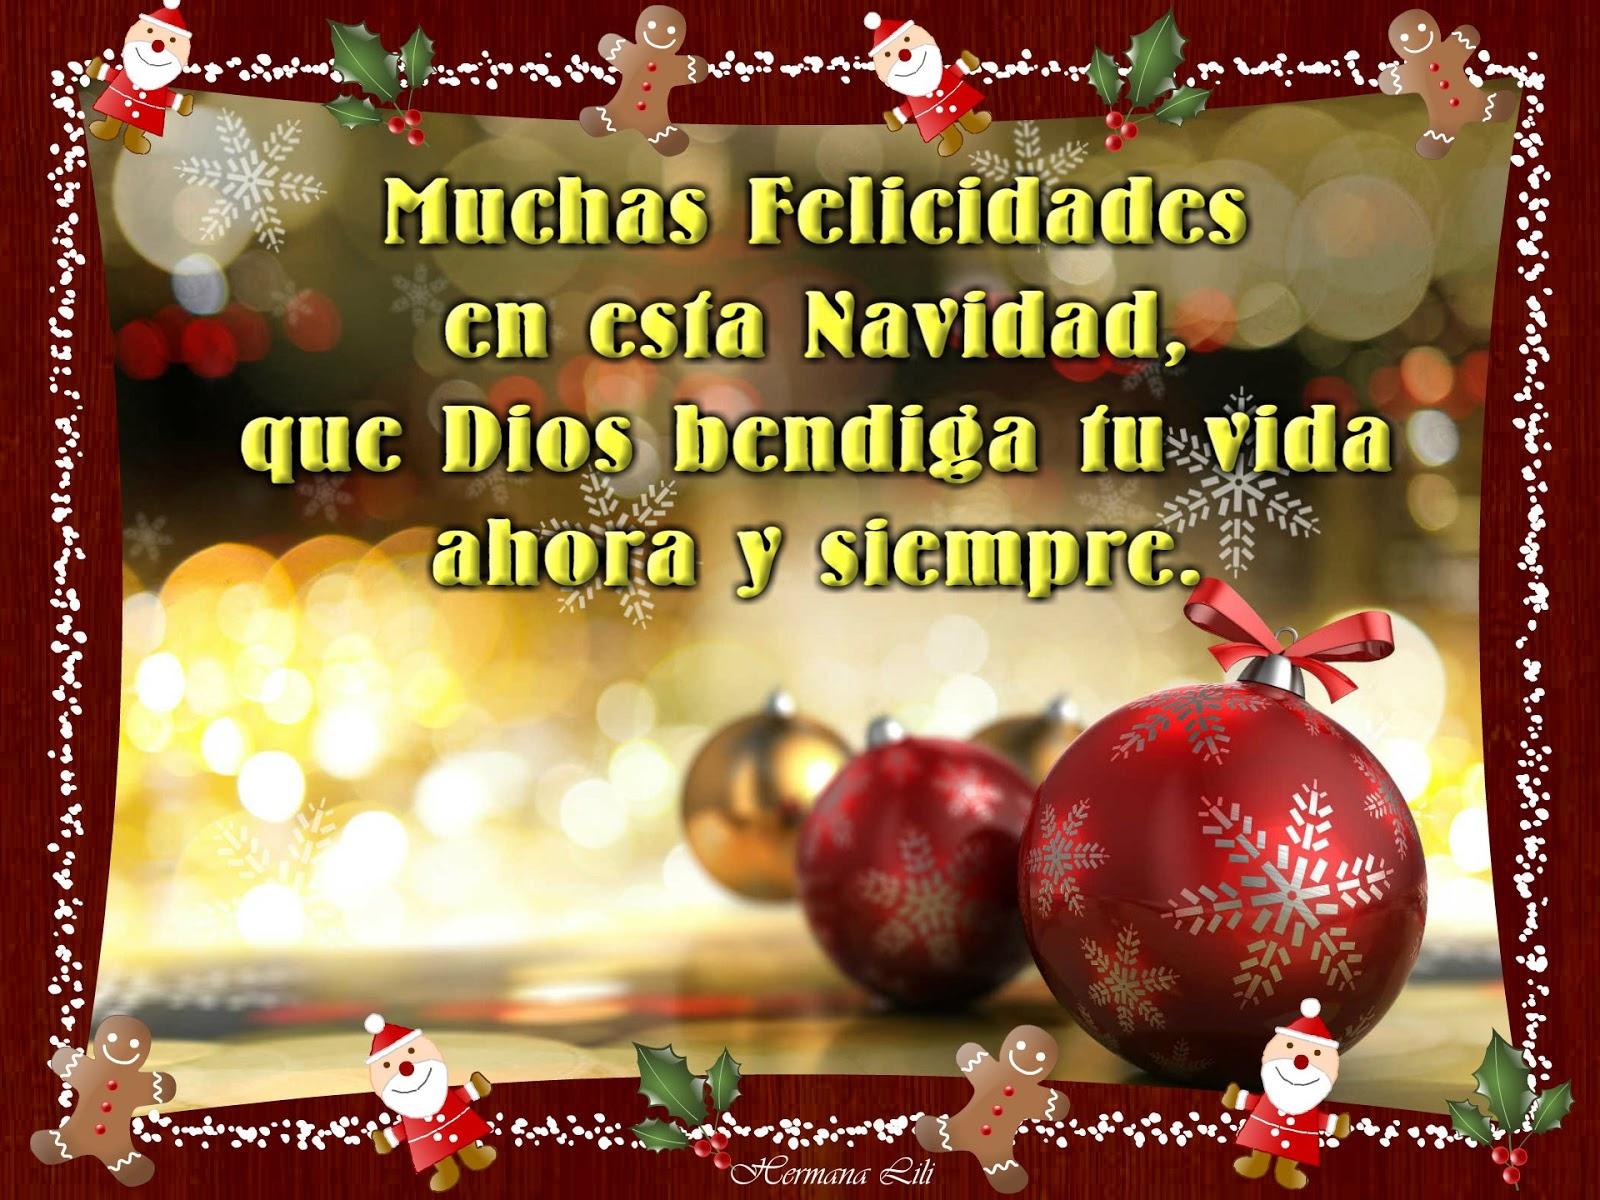 Tarjetas navide as 2019 con mensajes cristianos para - Tarjetas navidenas cristianas ...